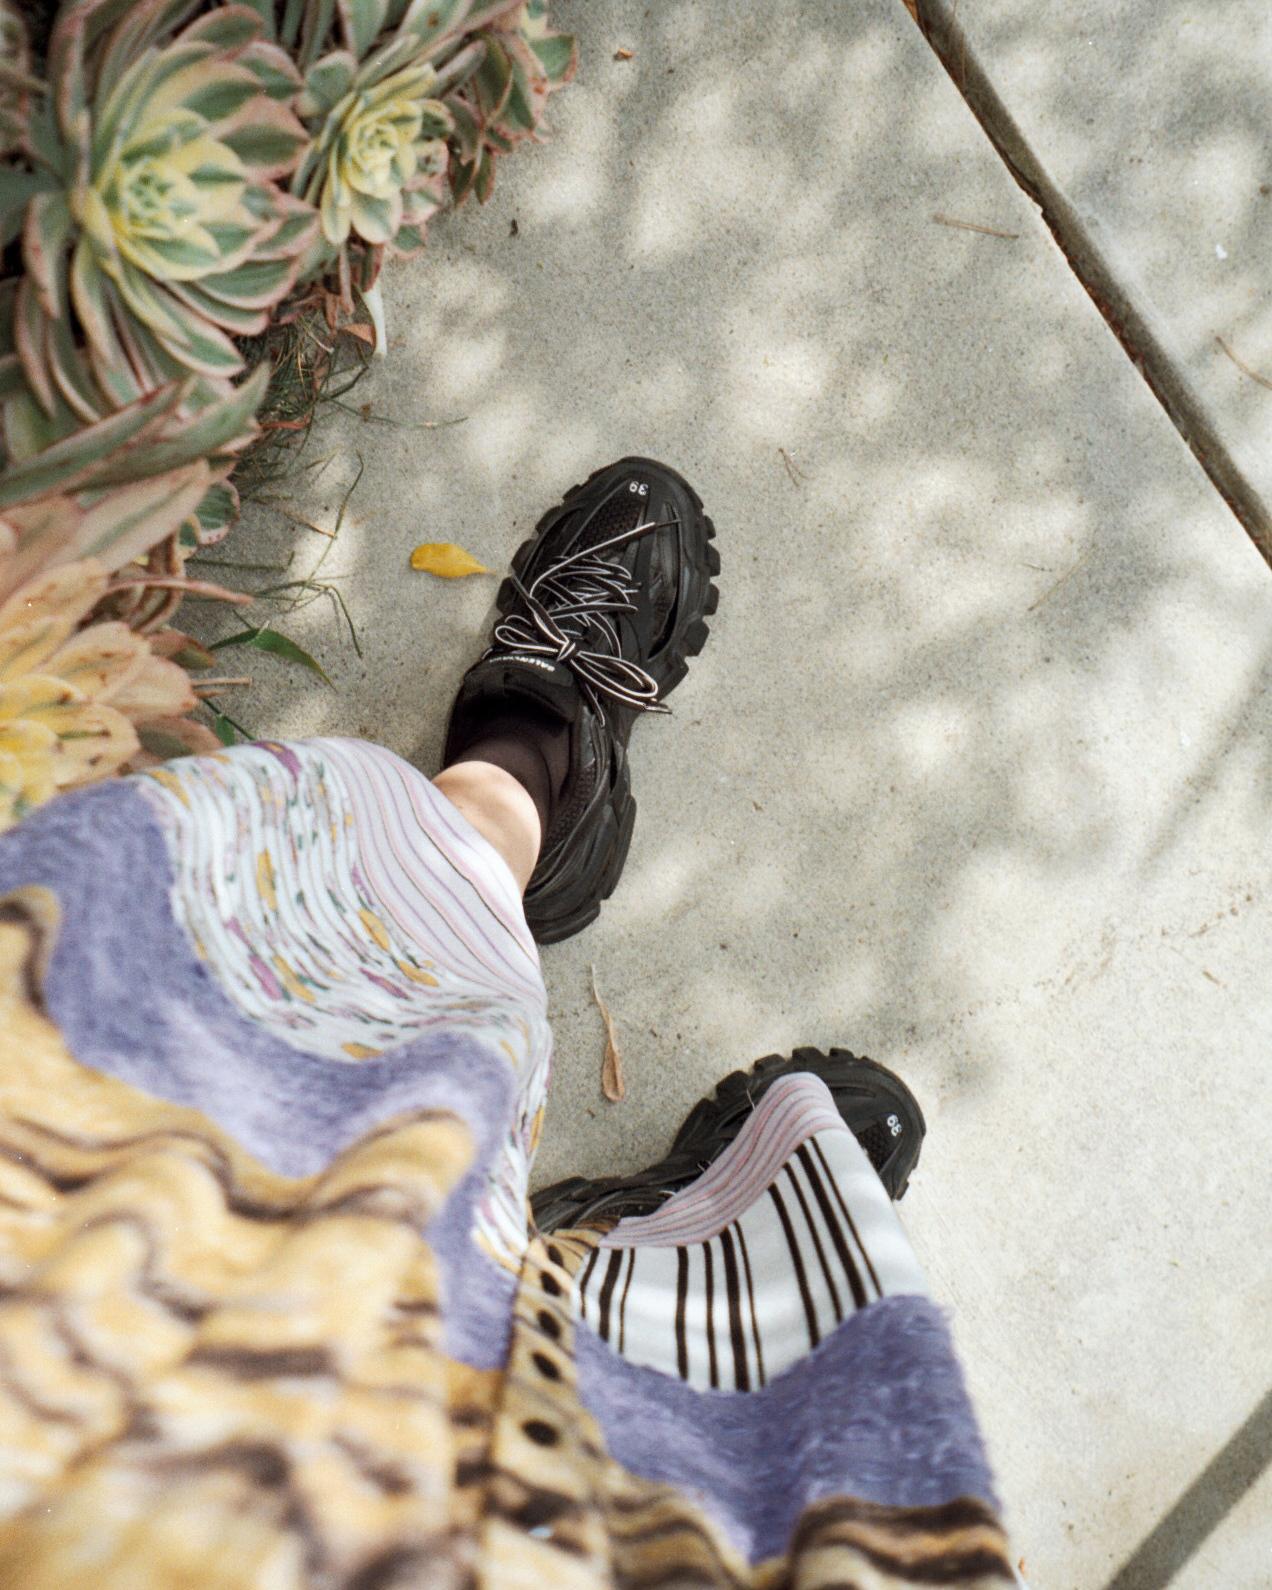 Kasket fra    Outdoor Voices   , skygger i Runyon Canyon, vores grønne vej i Silver Lake, sneakers fra    Balenciaga    og    patchwork kjole    fra Hofmann.